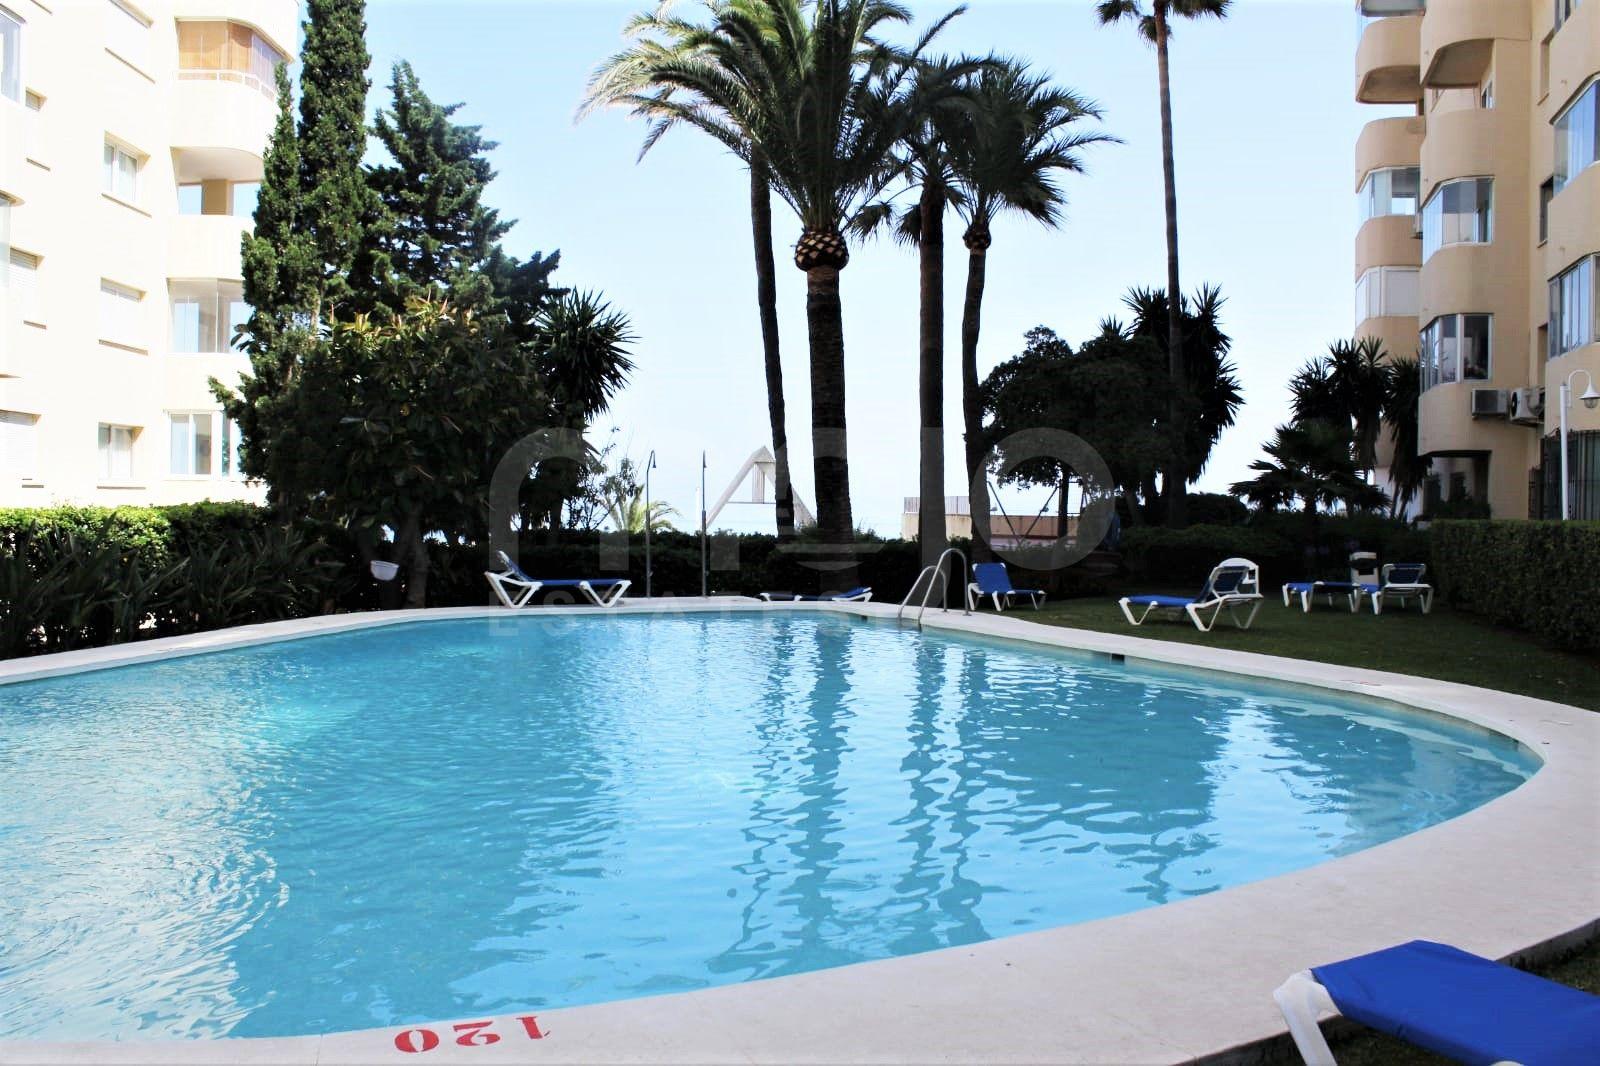 Lägenhet till salu i Estepona Puerto